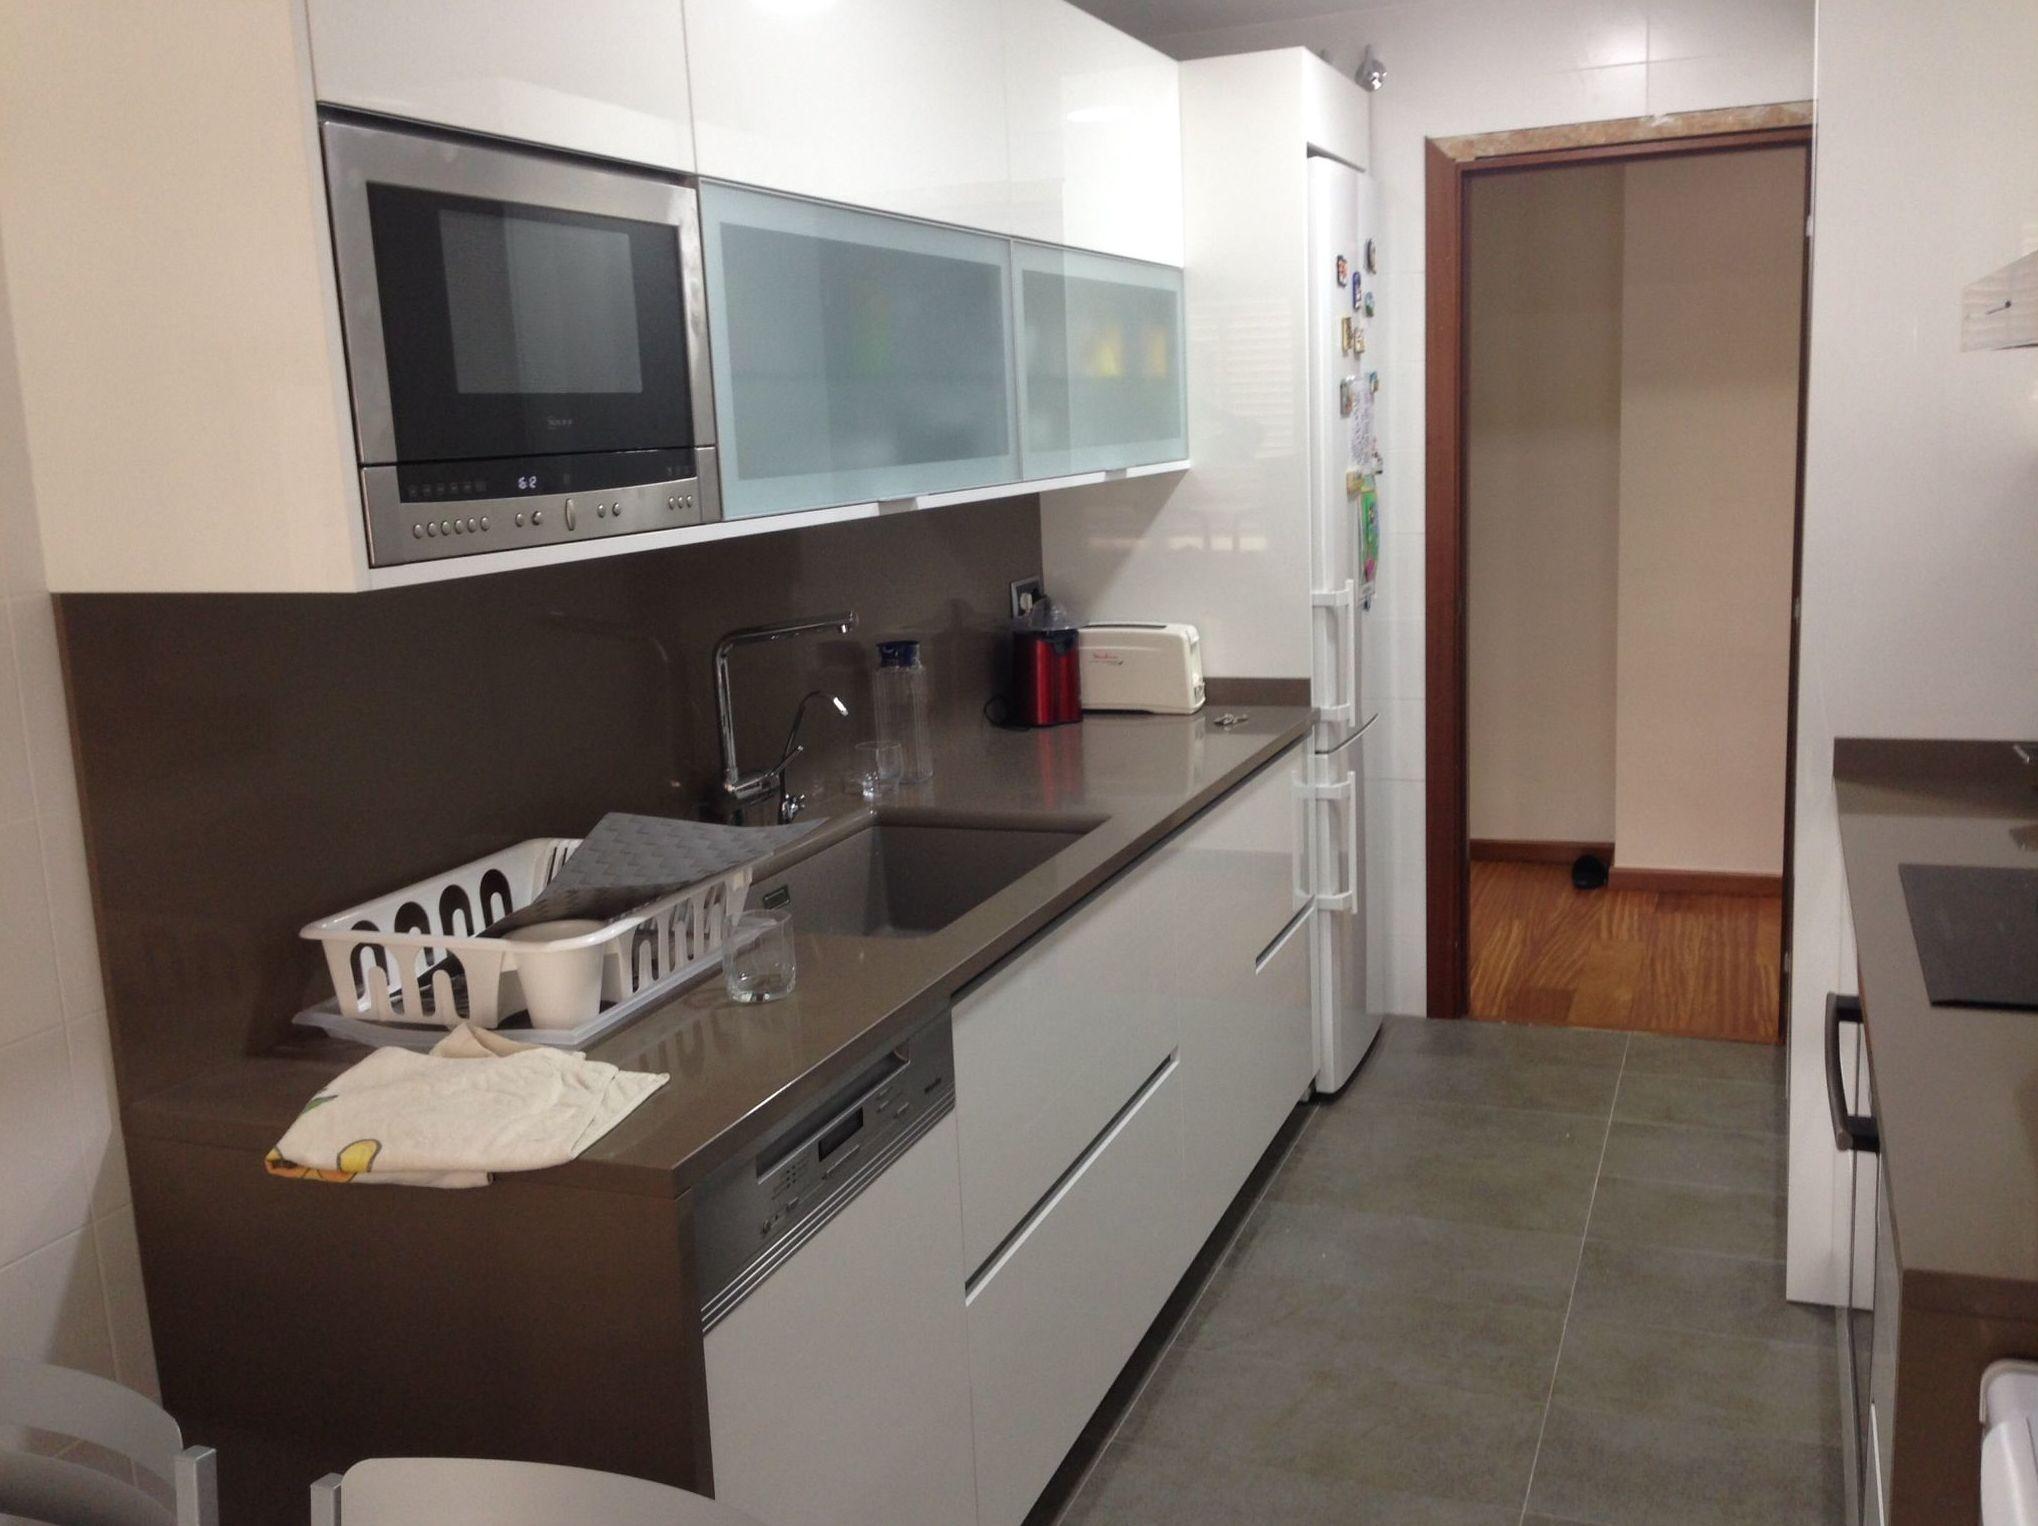 Muebles de cocina en tonos blanco y marrón